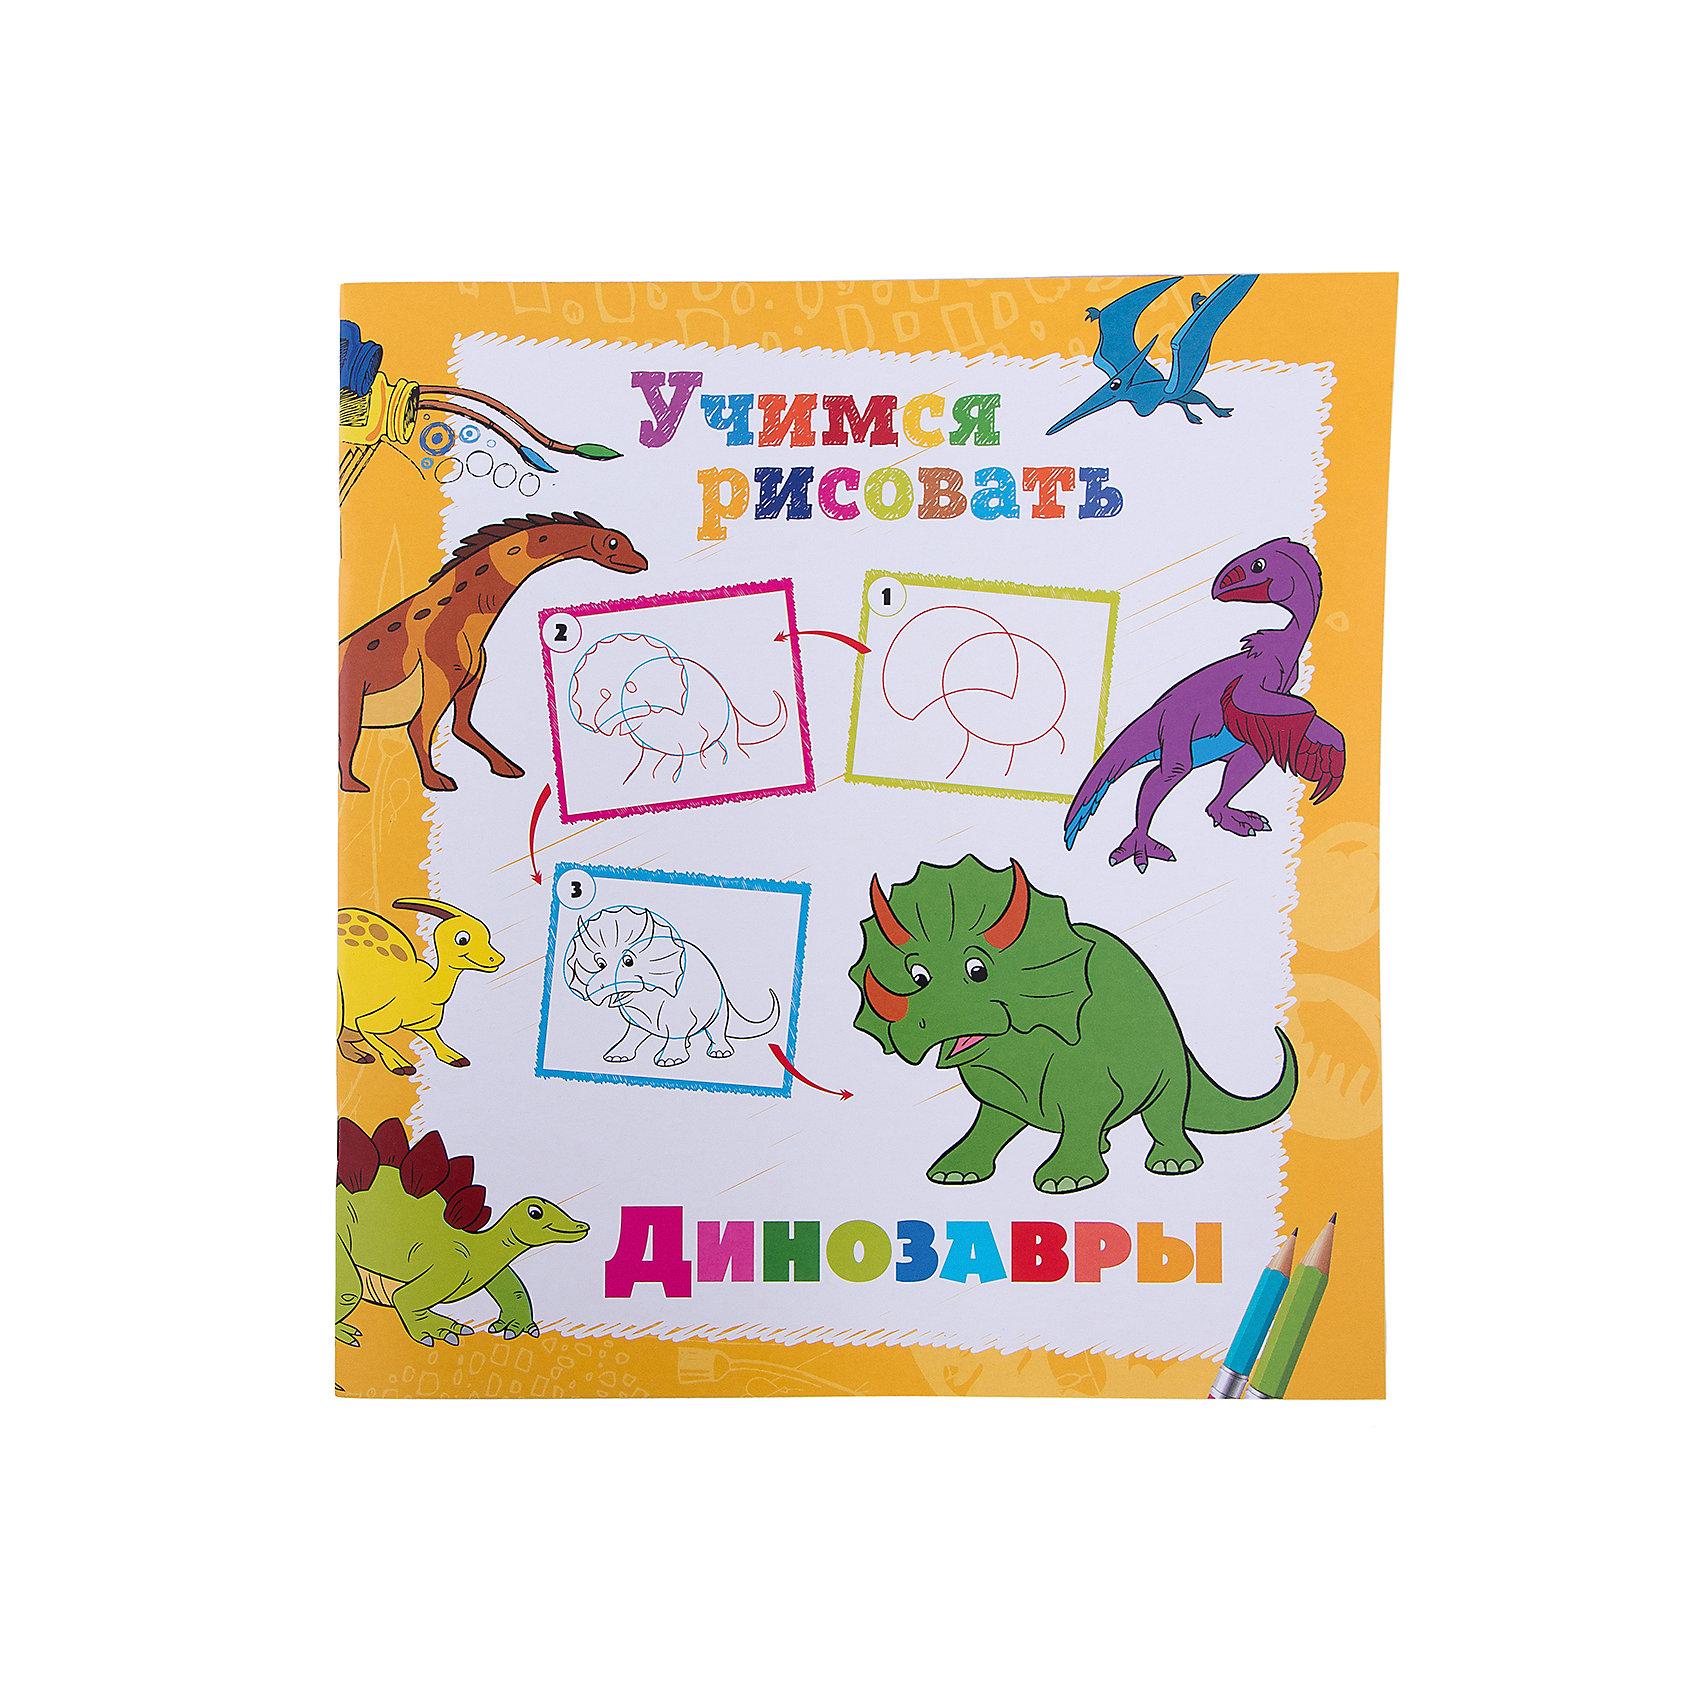 Новый Диск Книга Динозавры Учимся рисовать дмитриева в г учимся рисовать